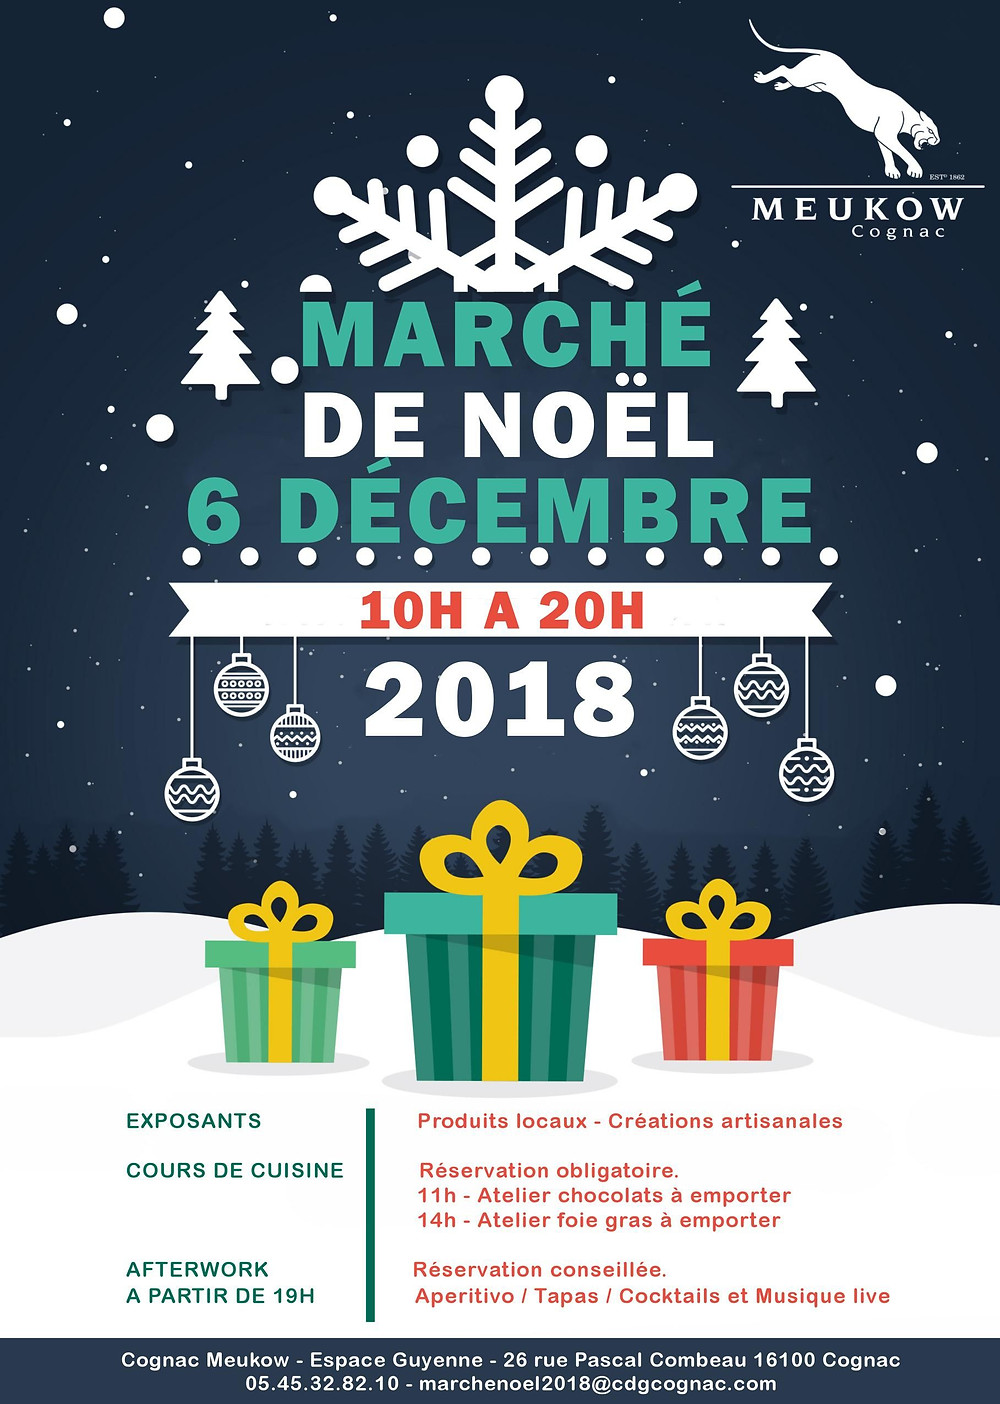 Meucow Marché de Noël 2018